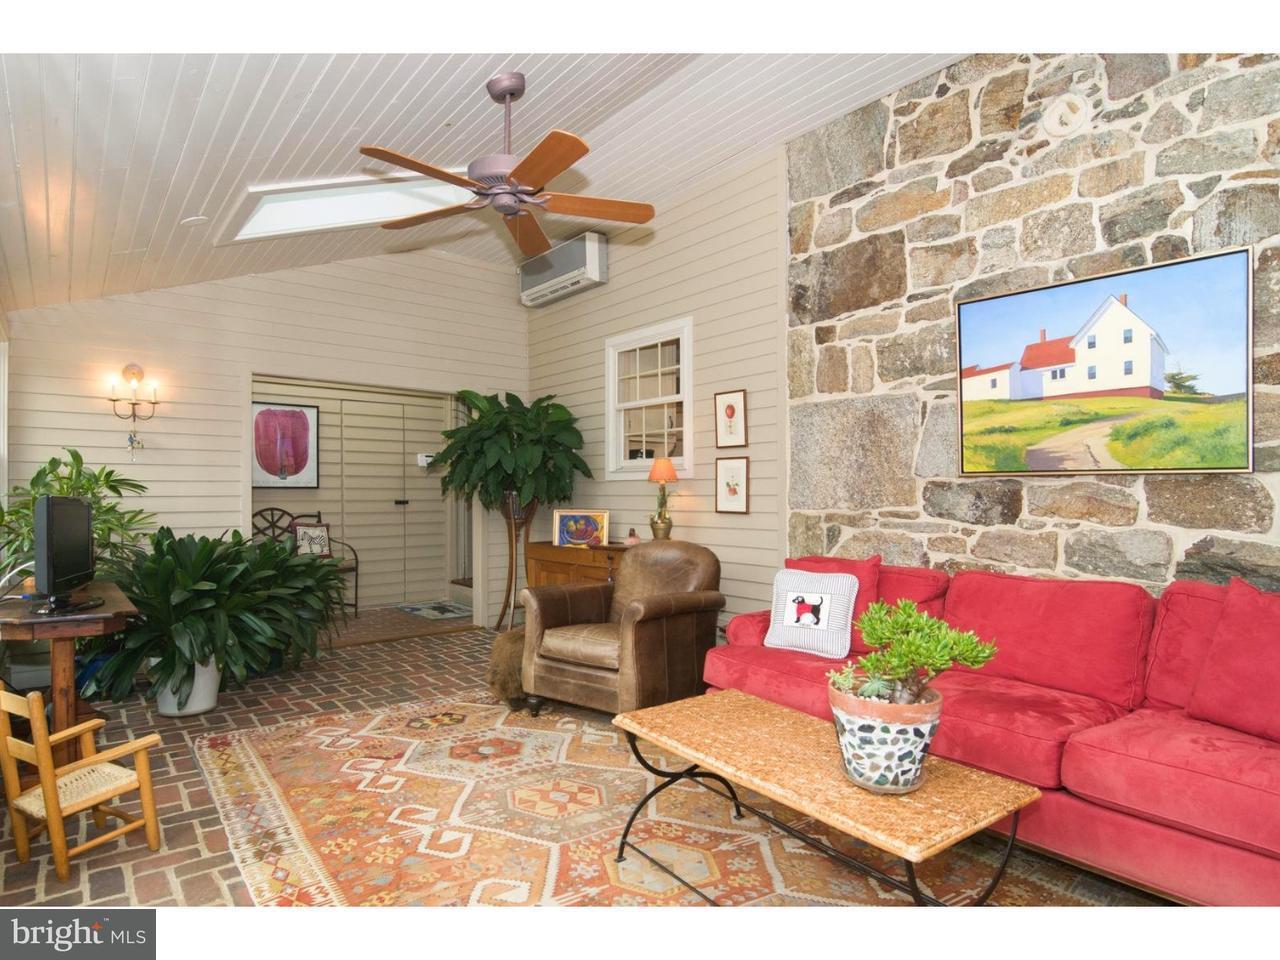 Частный односемейный дом для того Продажа на 183 BOLLINGER Road Elverson, Пенсильвания 19520 Соединенные Штаты